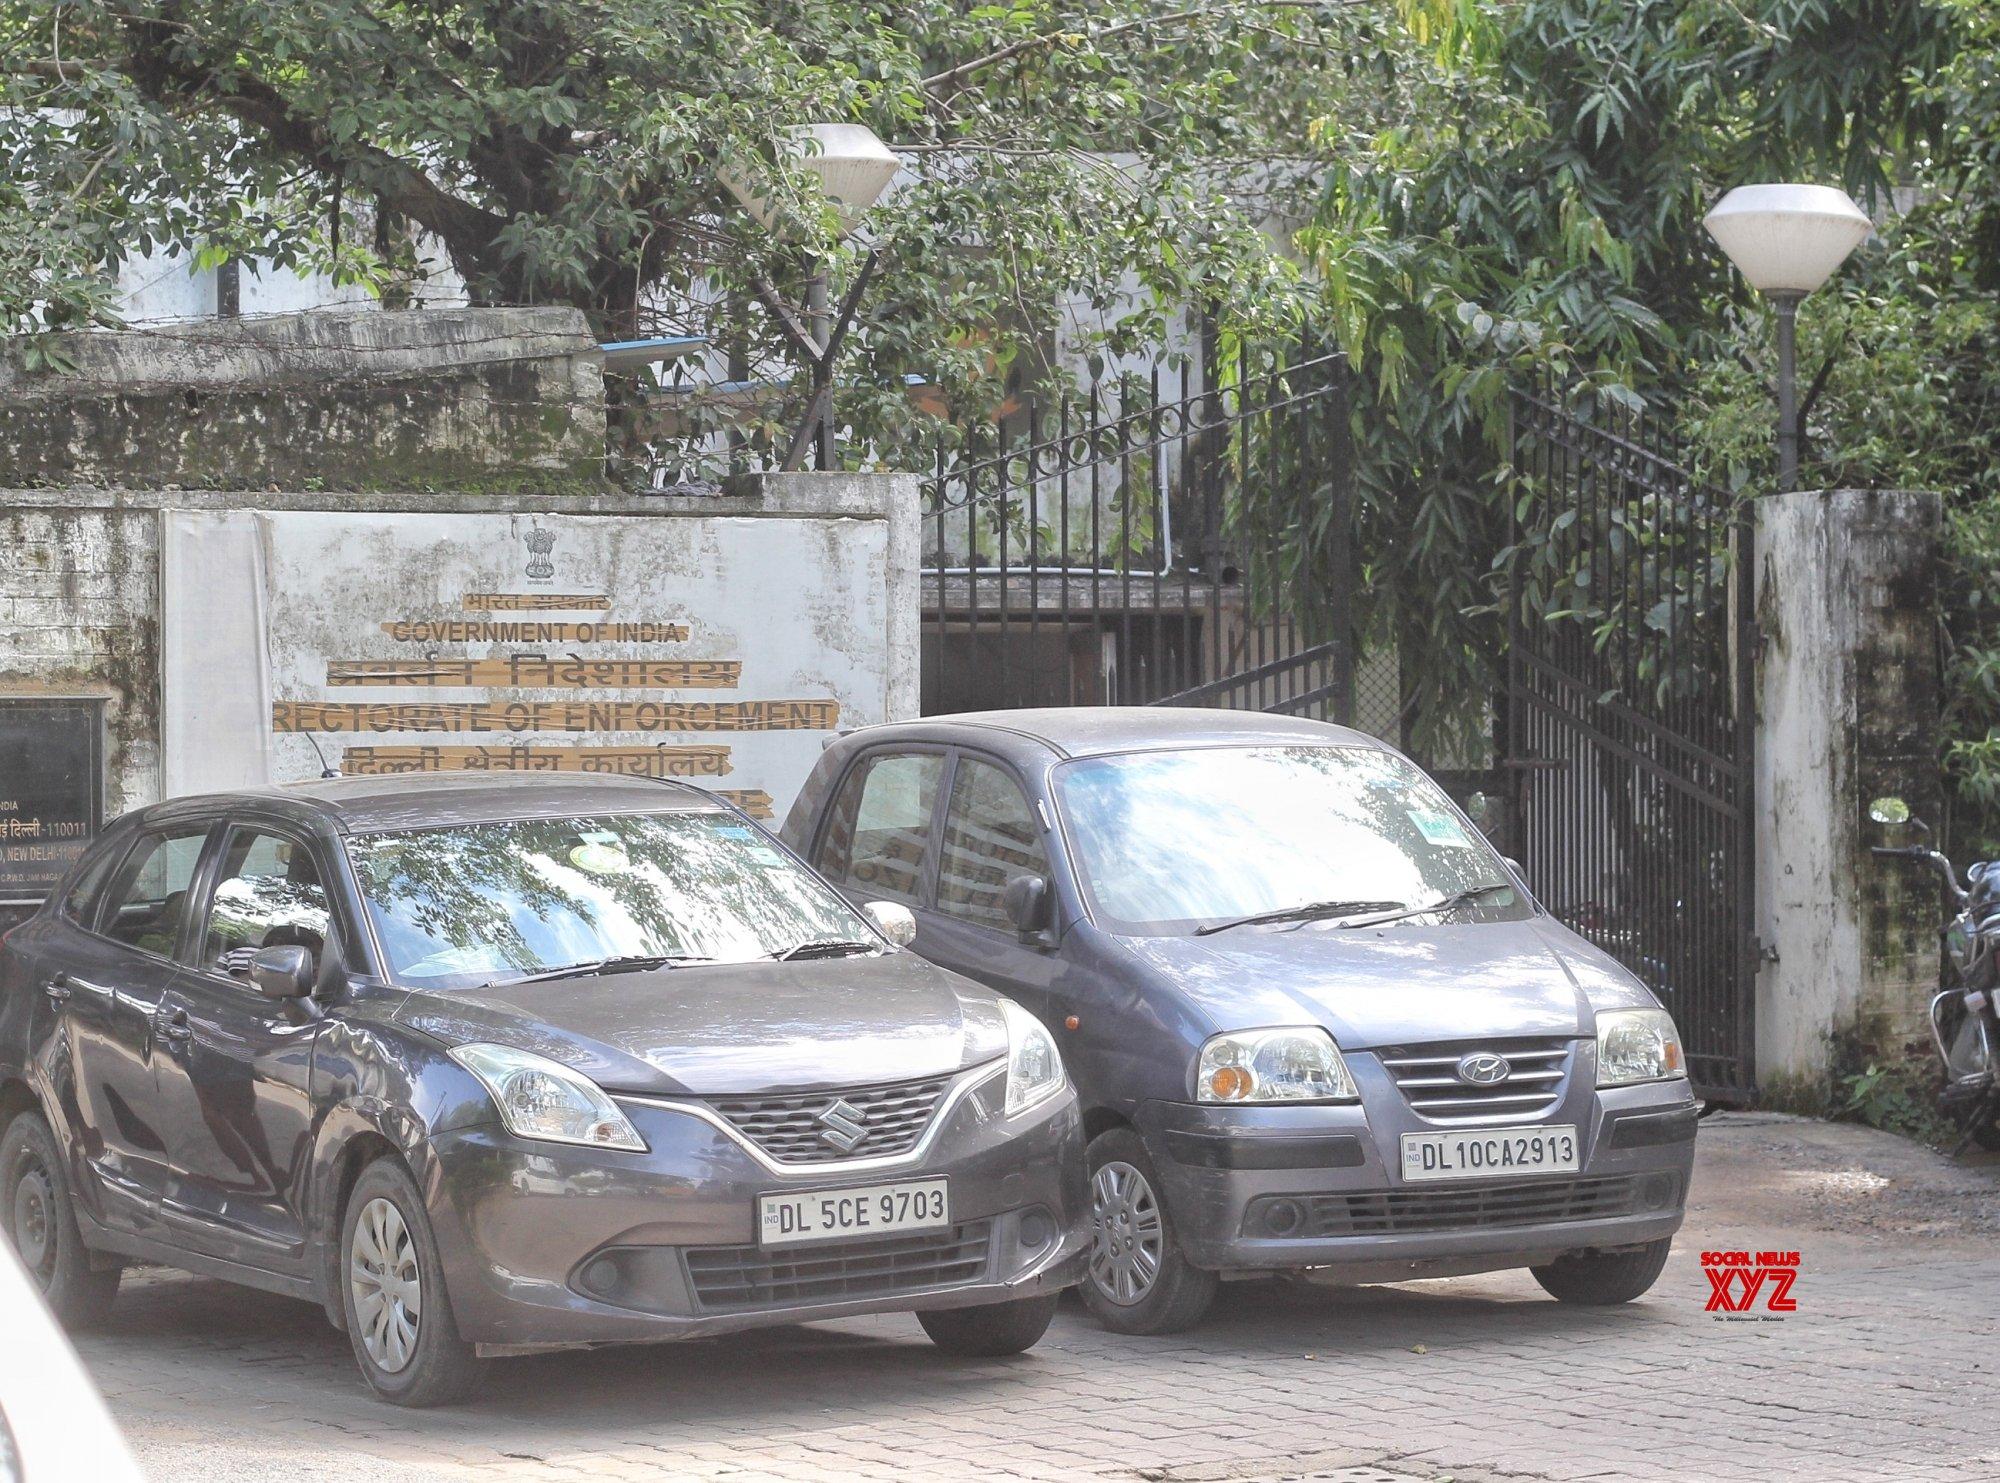 : ED office at Jam Nagar house in new Delhi on Wednesday September 15, 2021 #Gallery